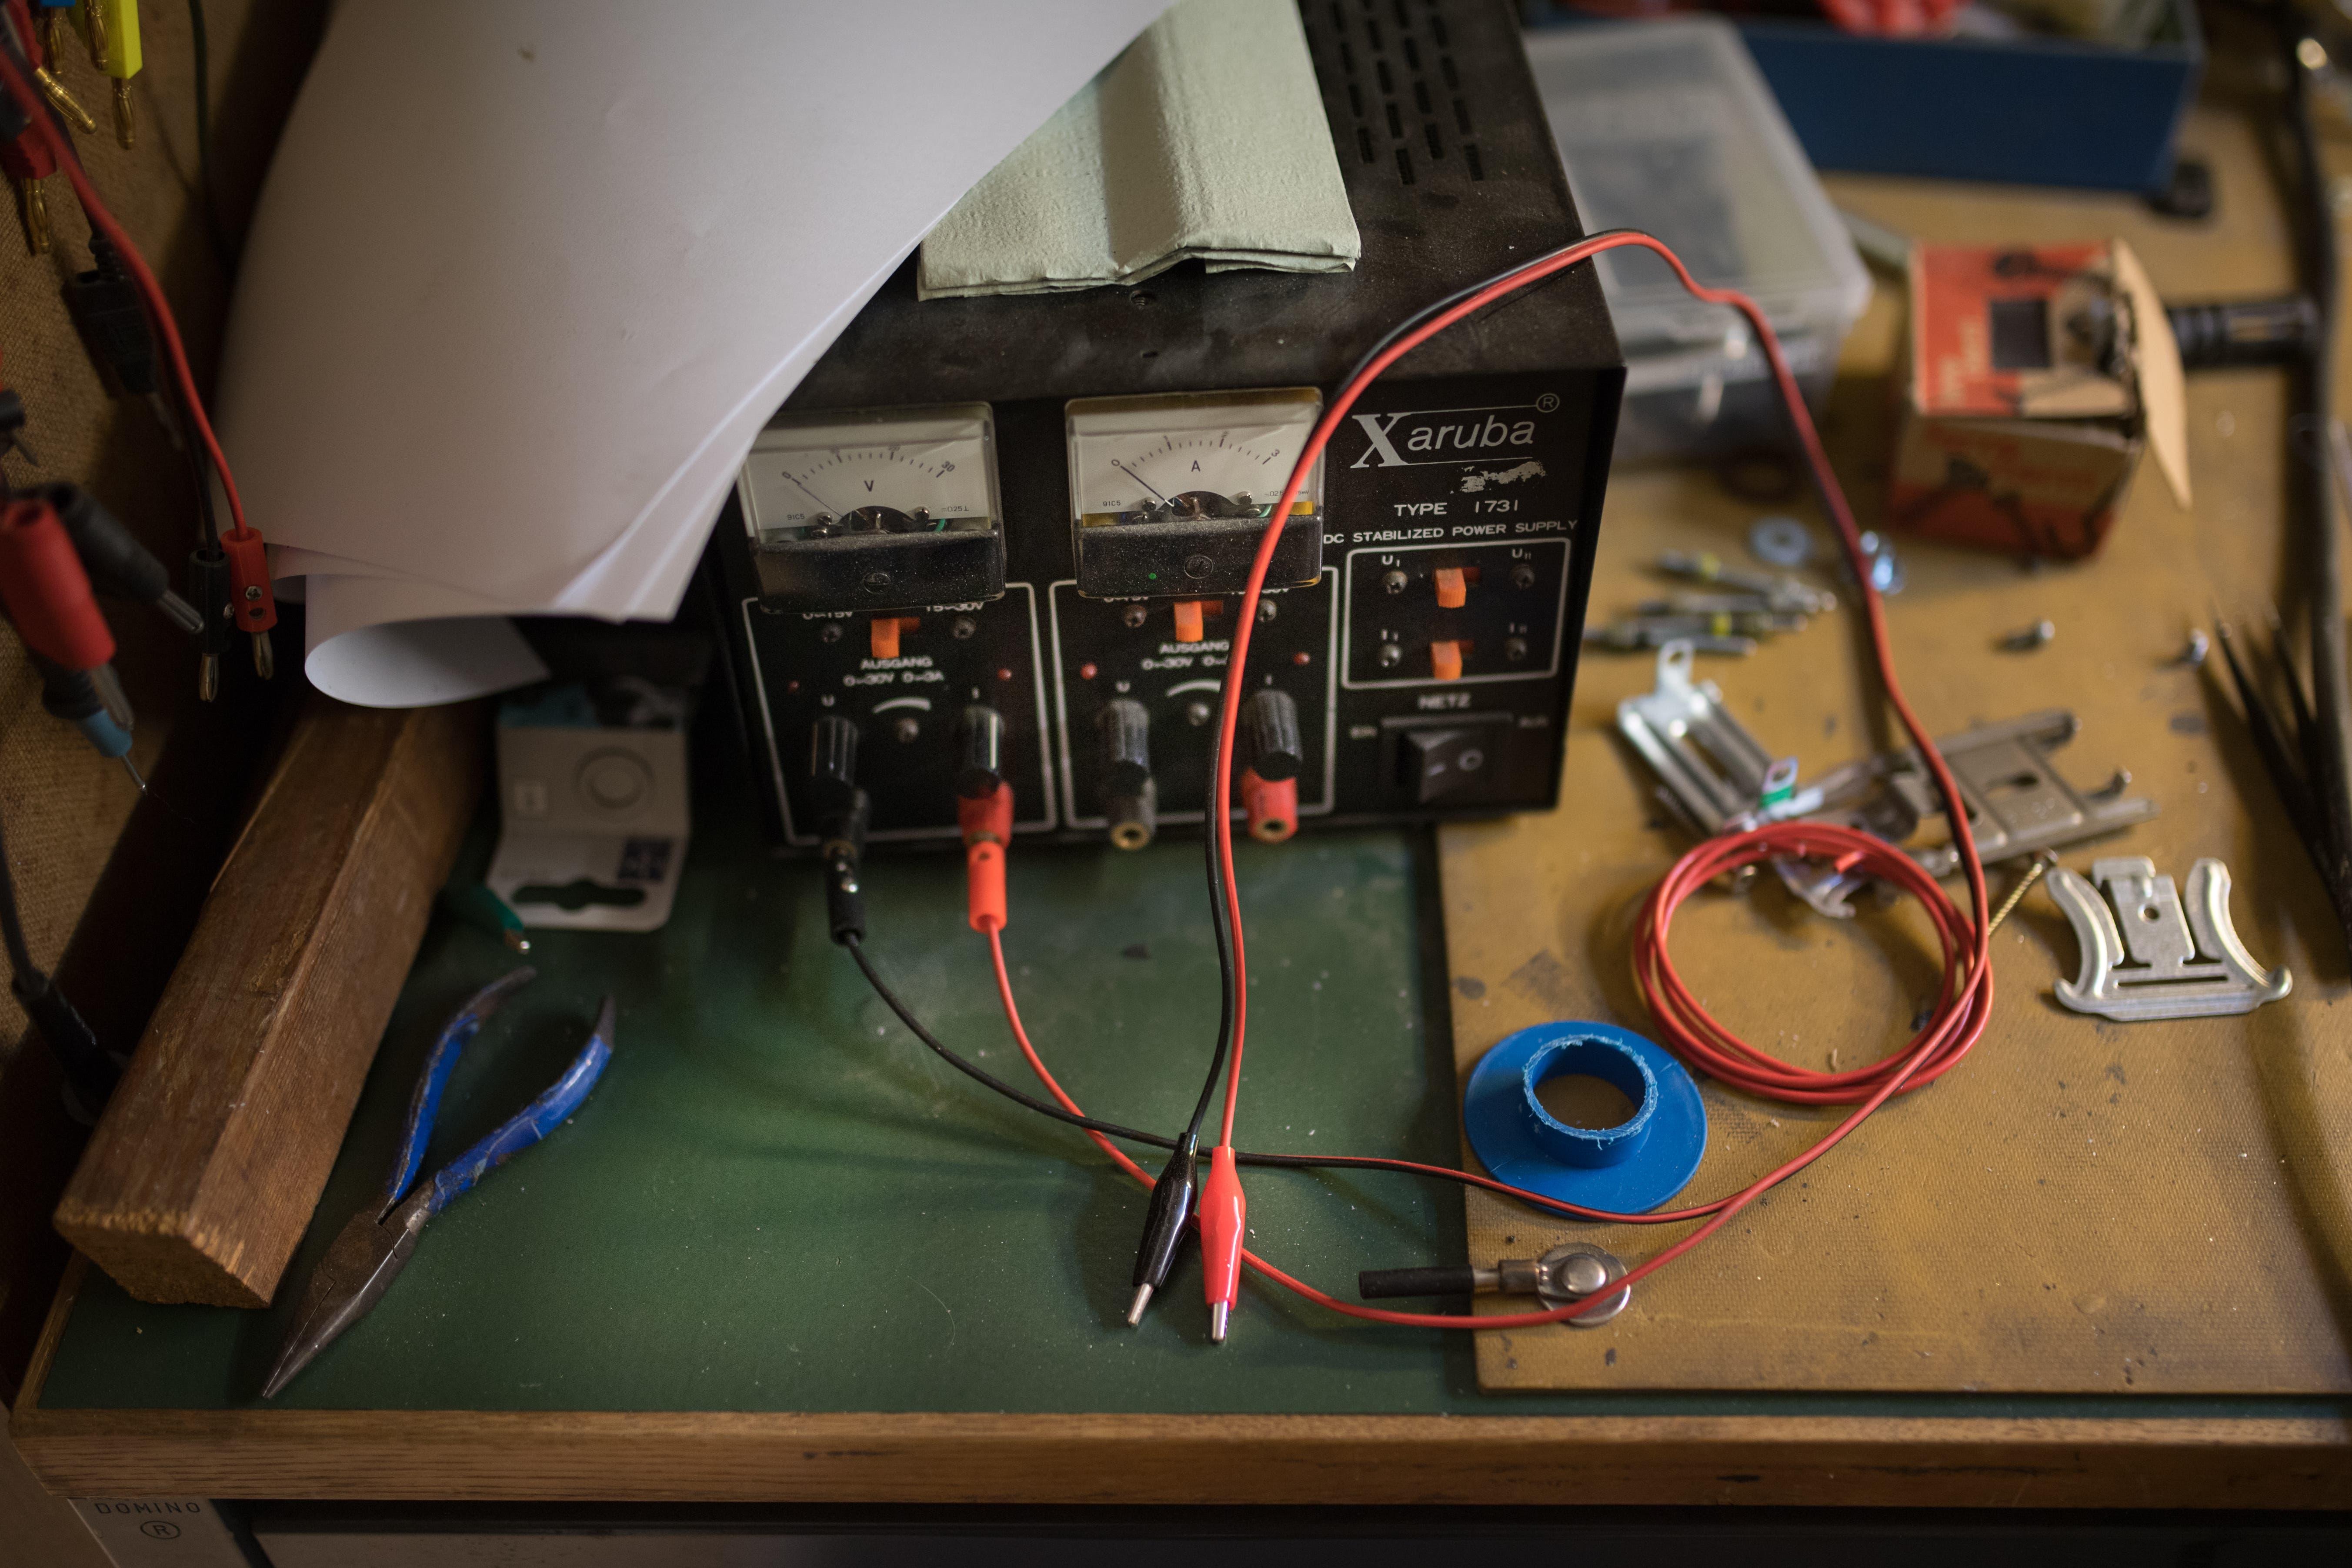 Die Werkbank hat er aus drei alten Schreibtischen improvisiert. Darauf liegen Bauteile, eine Zange und Schrauben. (Bild: Benjamin Manser)